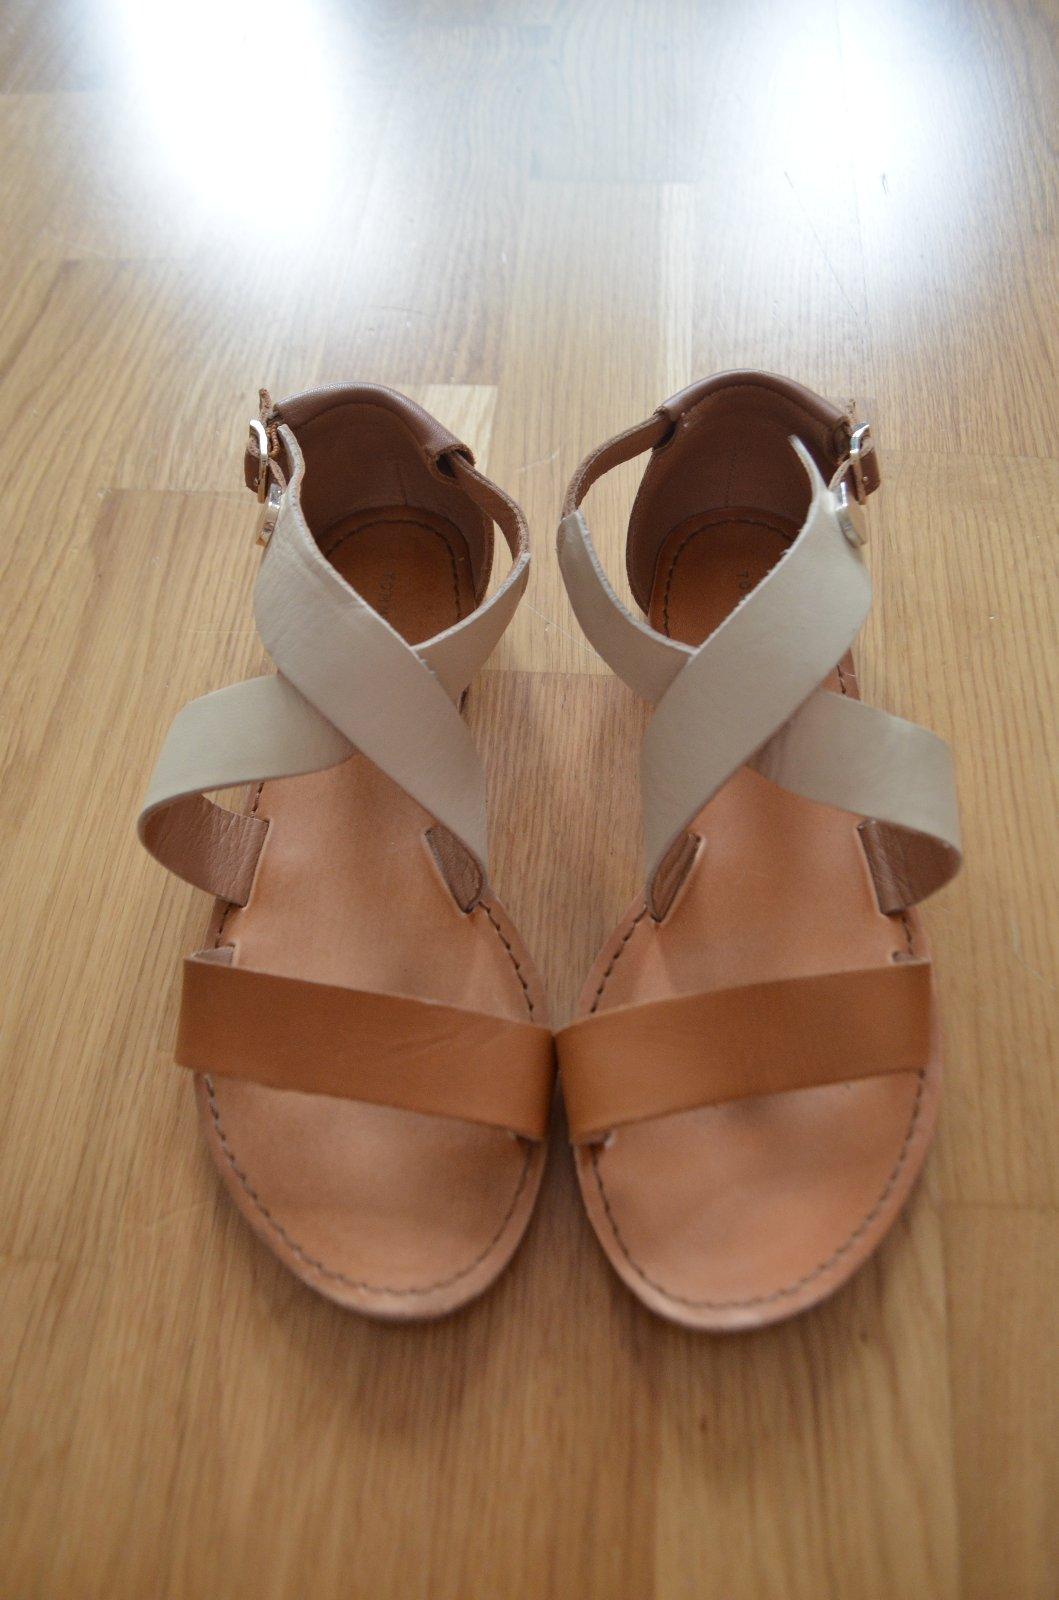 Predám sandále značky tommy hilfiger veľkosť 37 c33d9806a3d